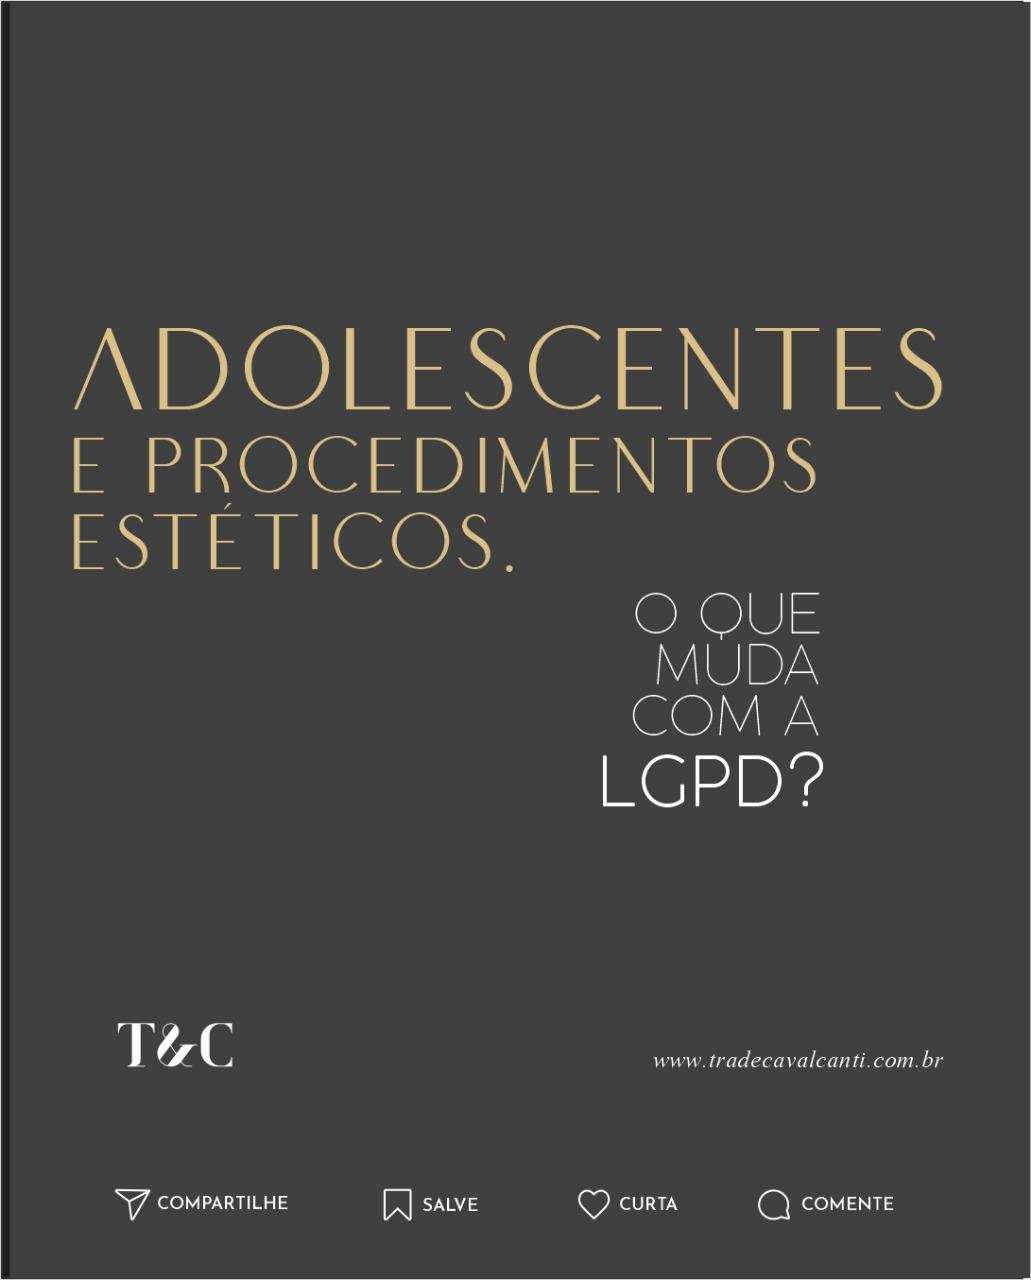 ADOLESCENTES E PROCEDIMENTOS ESTÉTICOS. O QUE MUDA COM A LGPD?